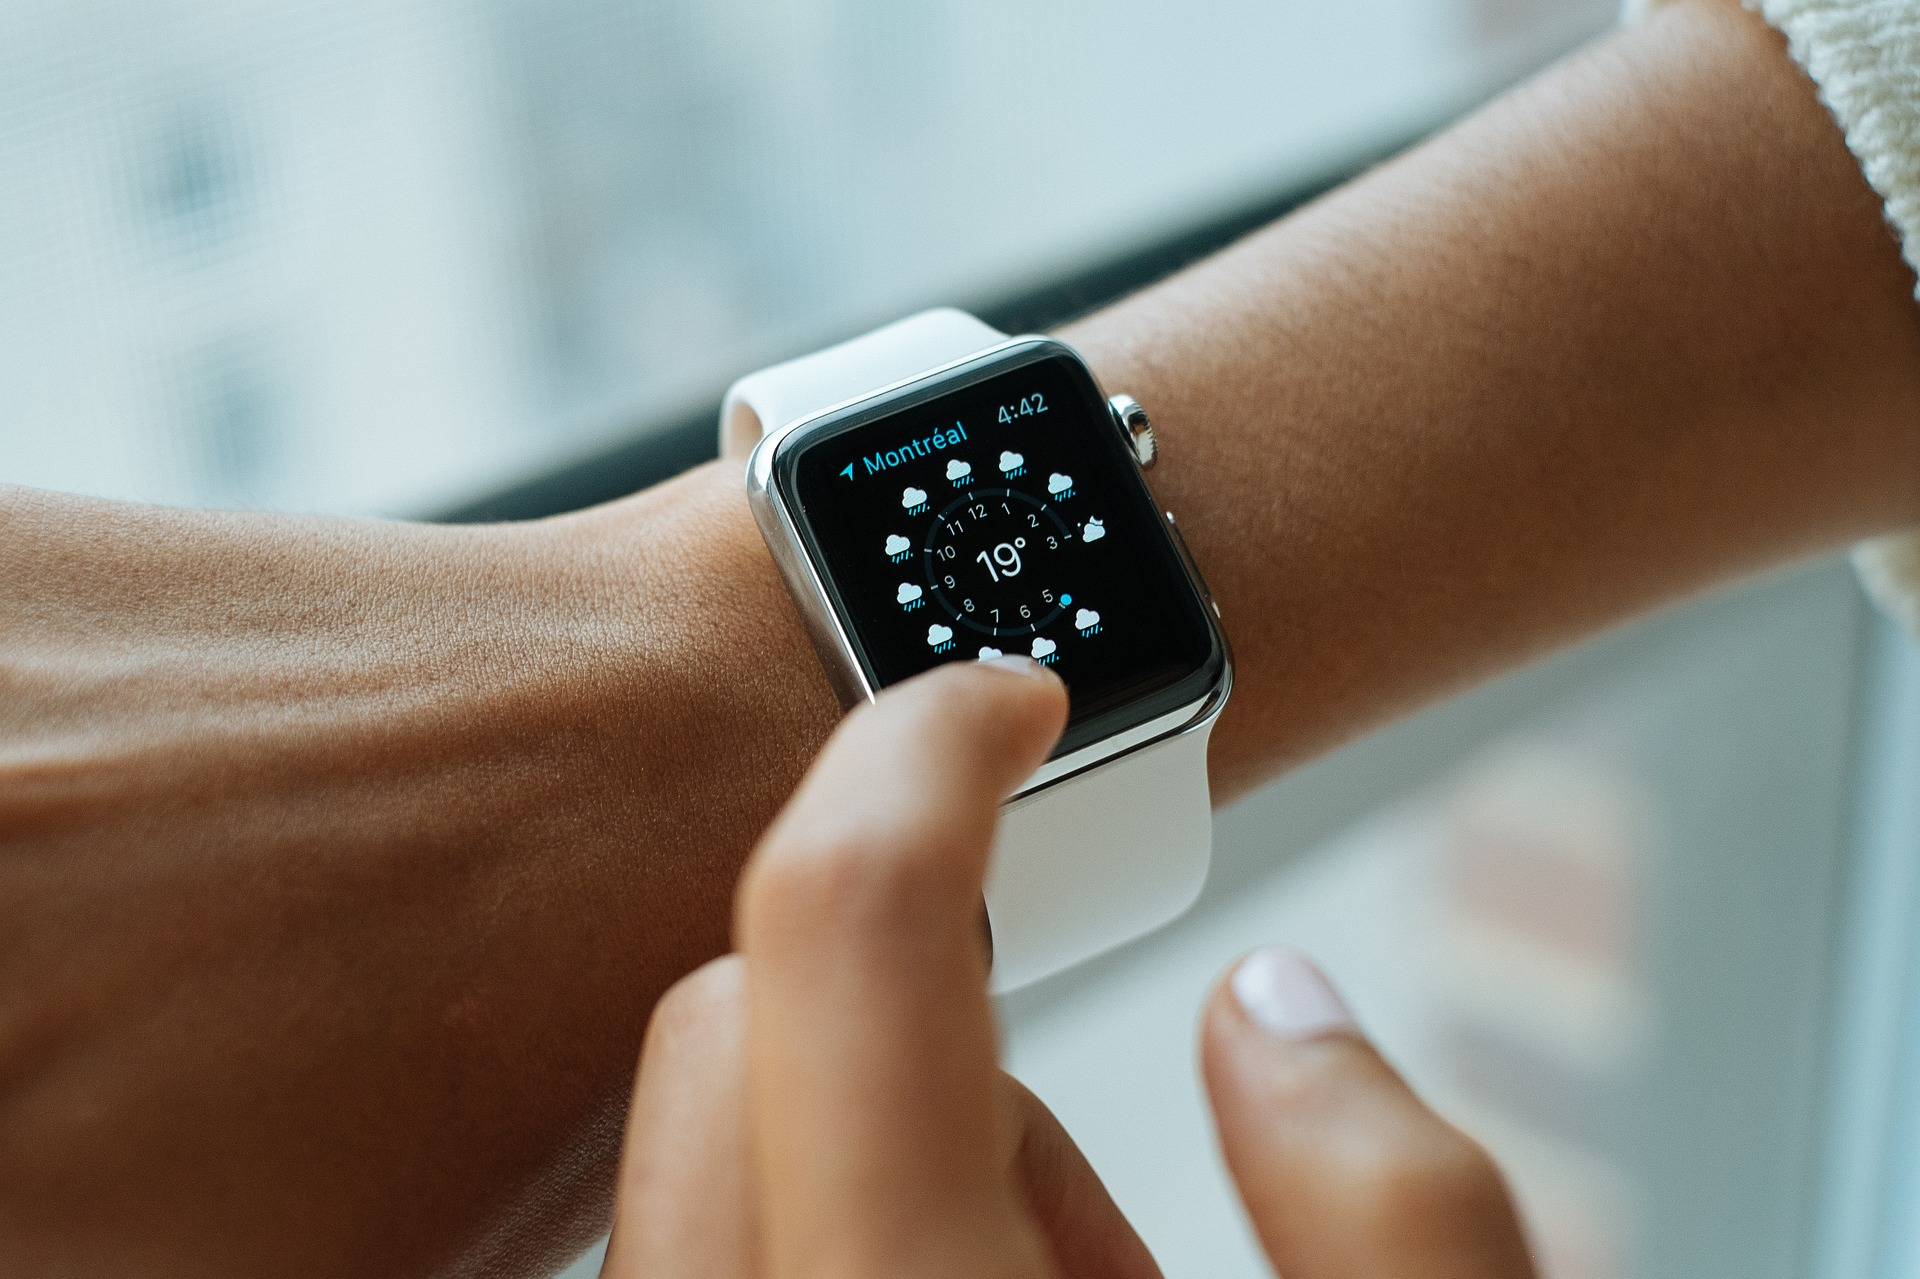 Apple règle un demi-milliard d'euros d'arriérés d'impôts au fisc français